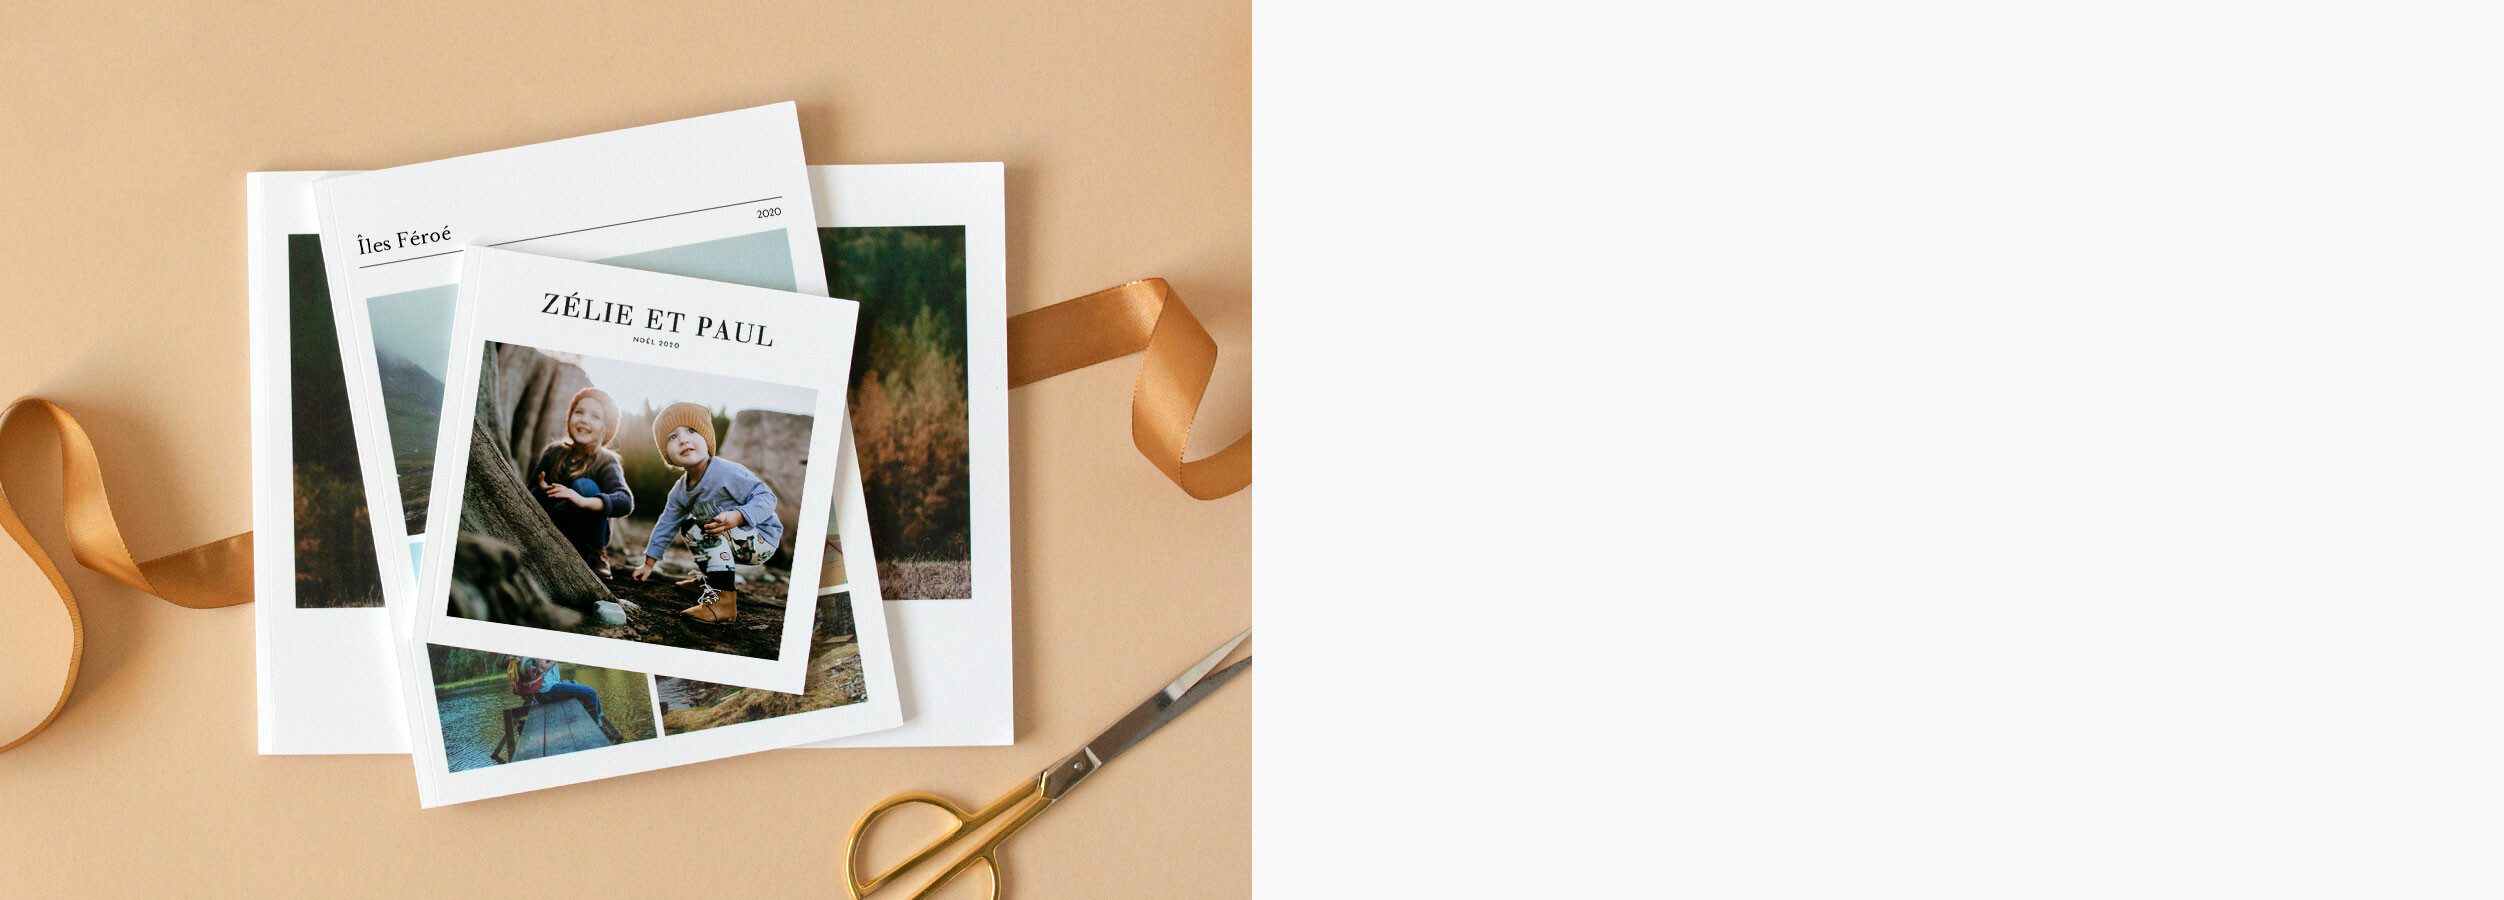 Idée cadeau album photo couverture souple